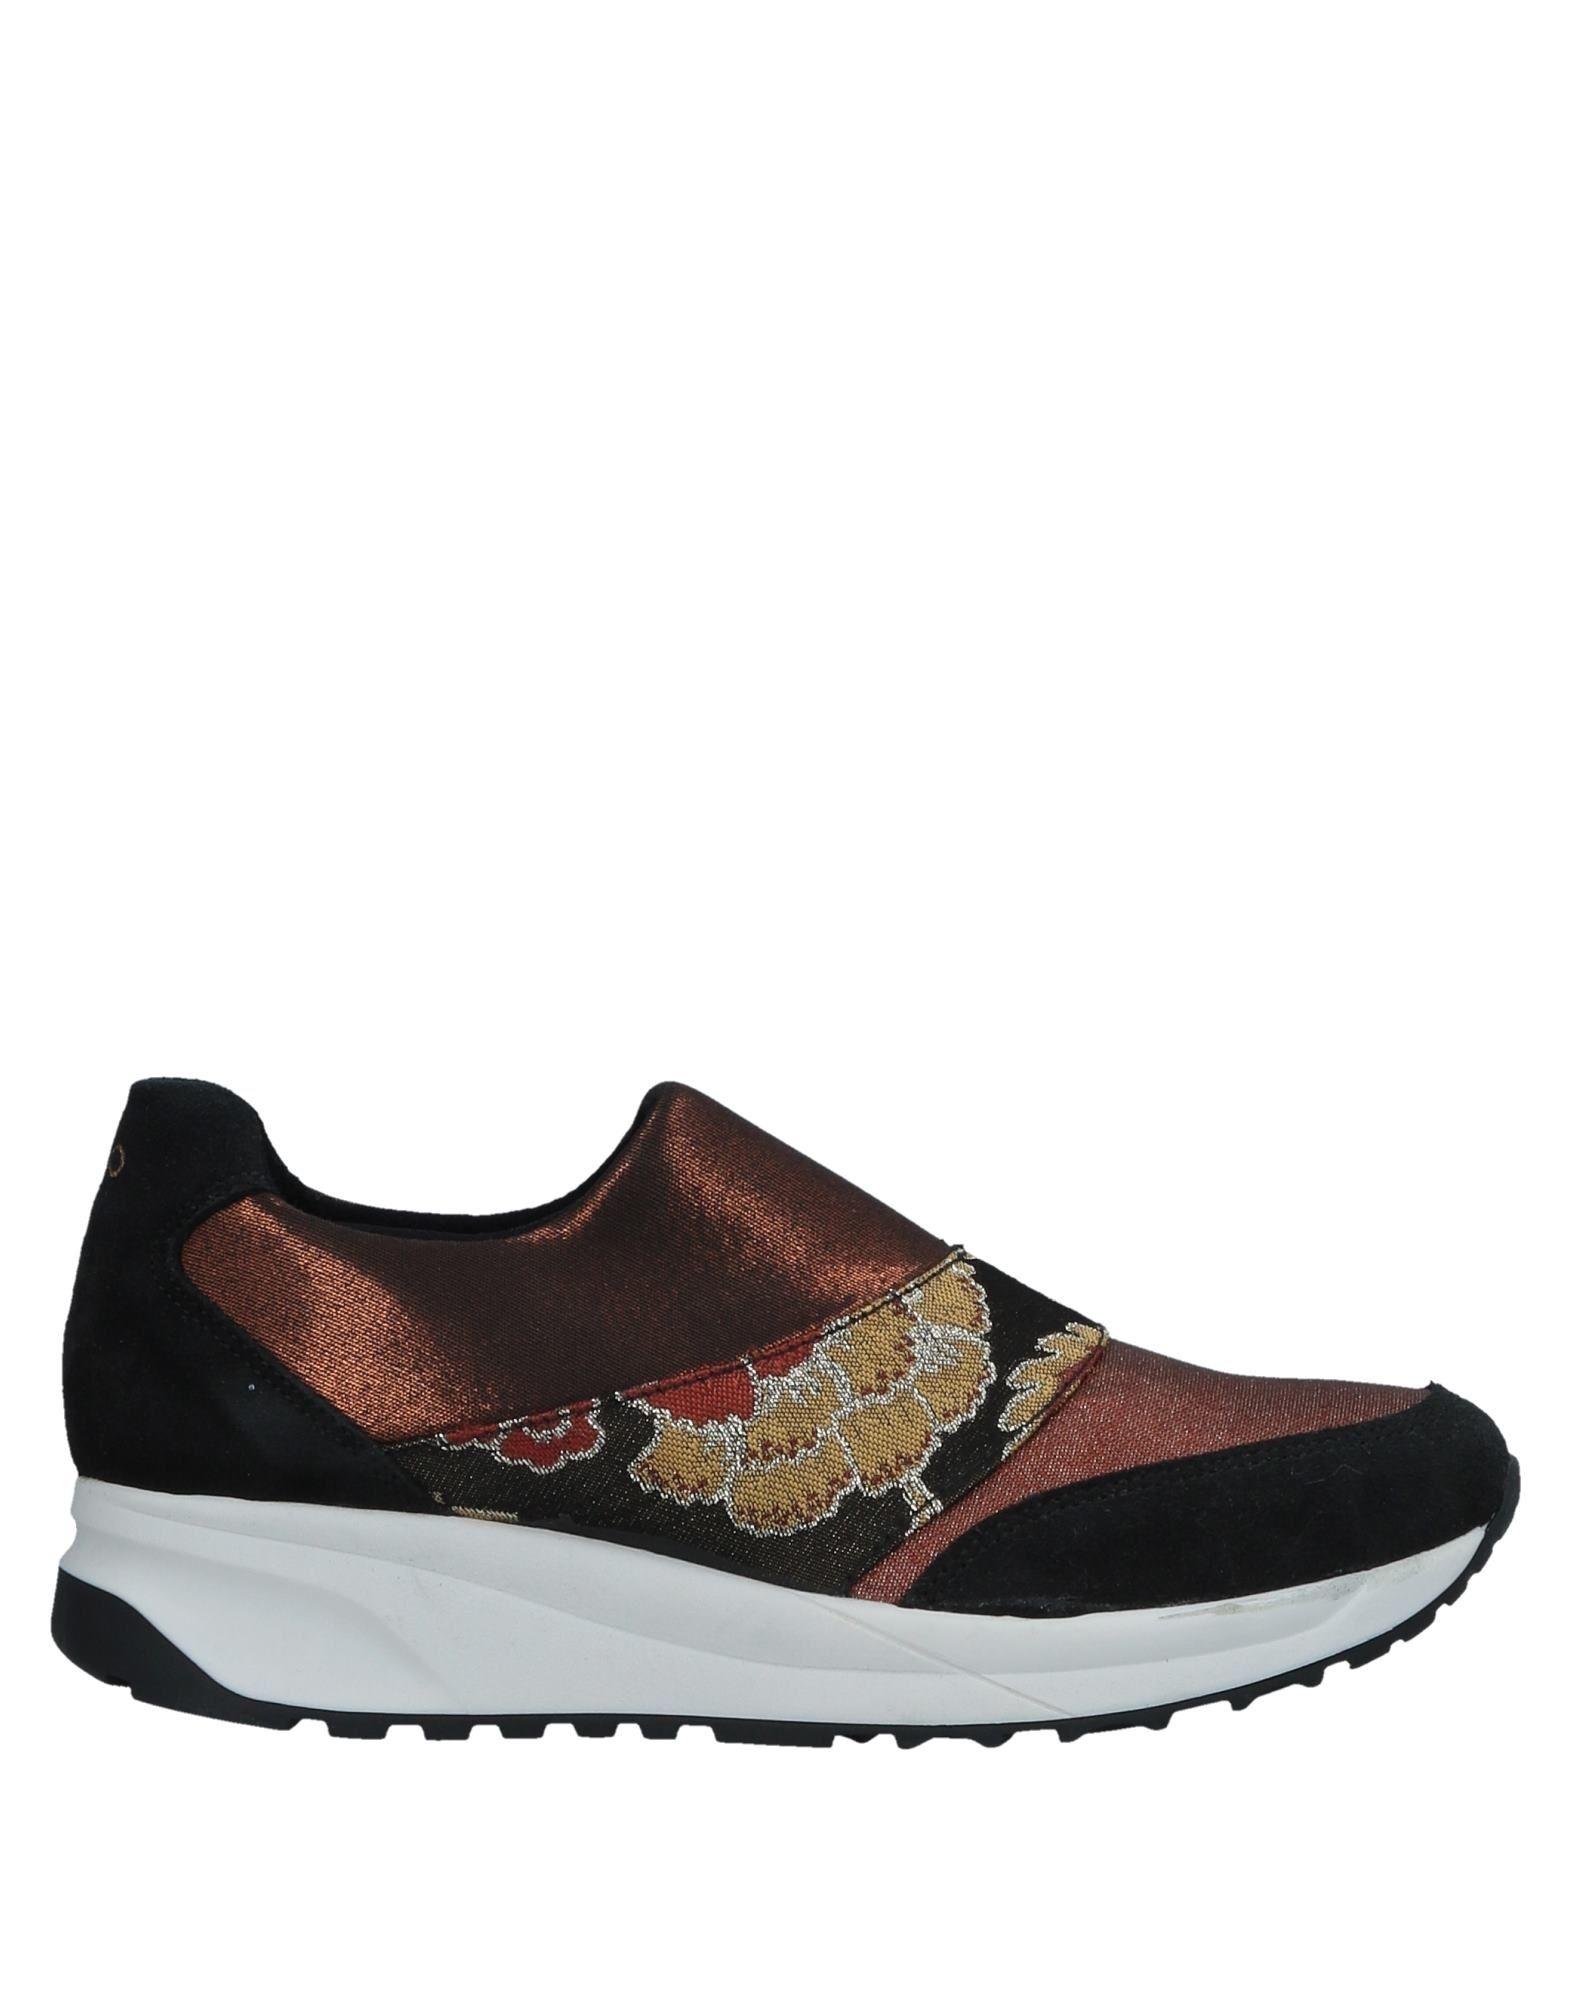 Liu •Jo Shoes Sneakers Damen  11519543CG